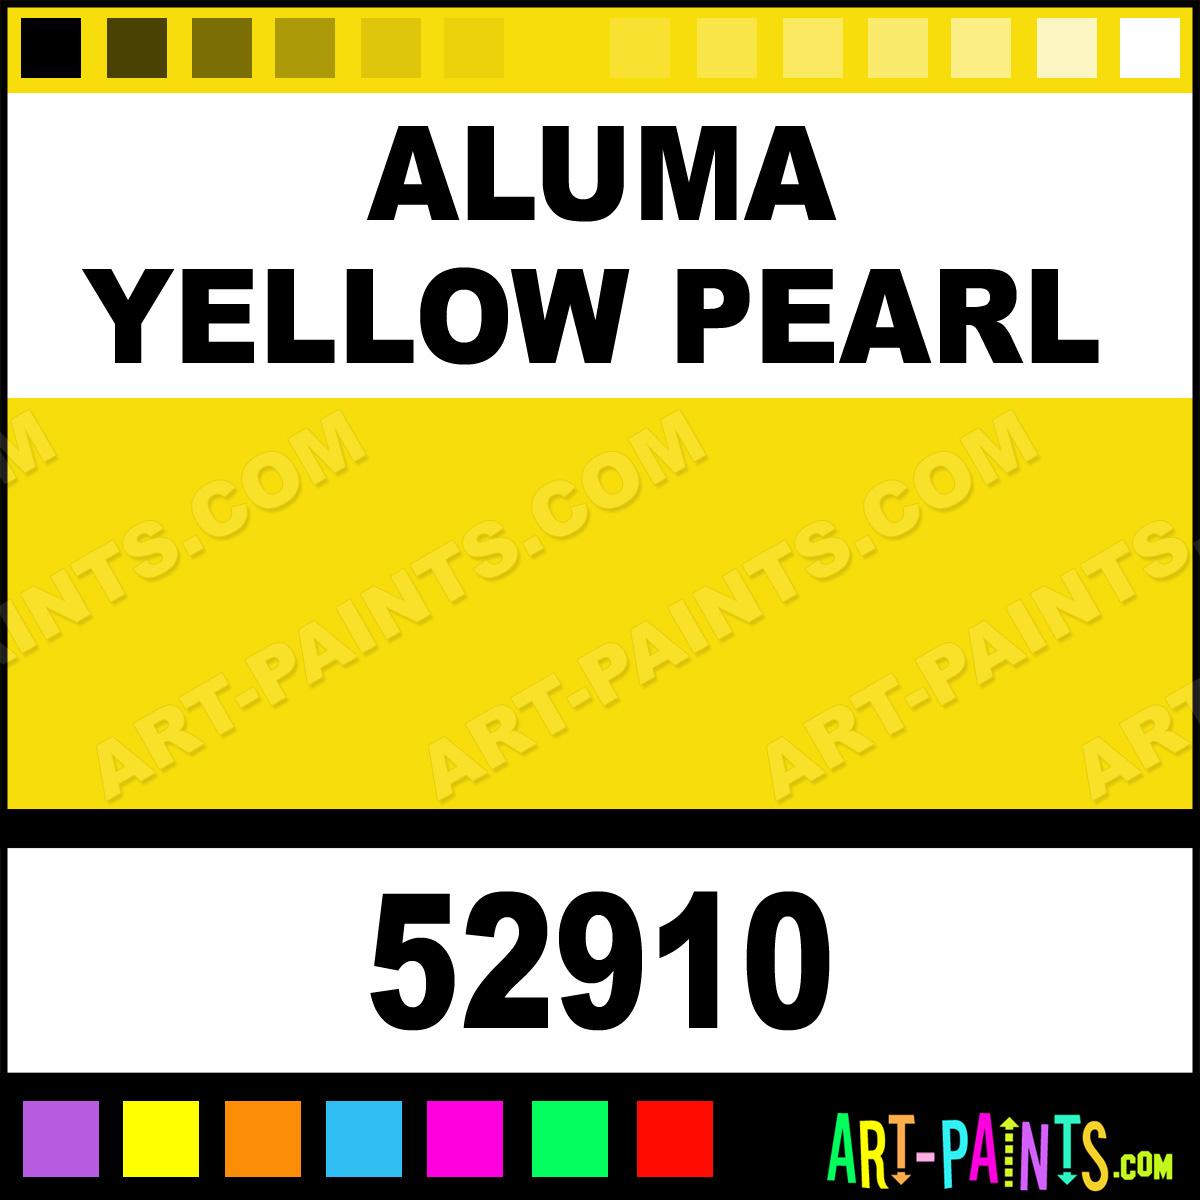 Ceramic Car Wax >> Aluma Yellow Pearl Car and Truck Enamel Paints - 52910 - Aluma Yellow Pearl Paint, Aluma Yellow ...